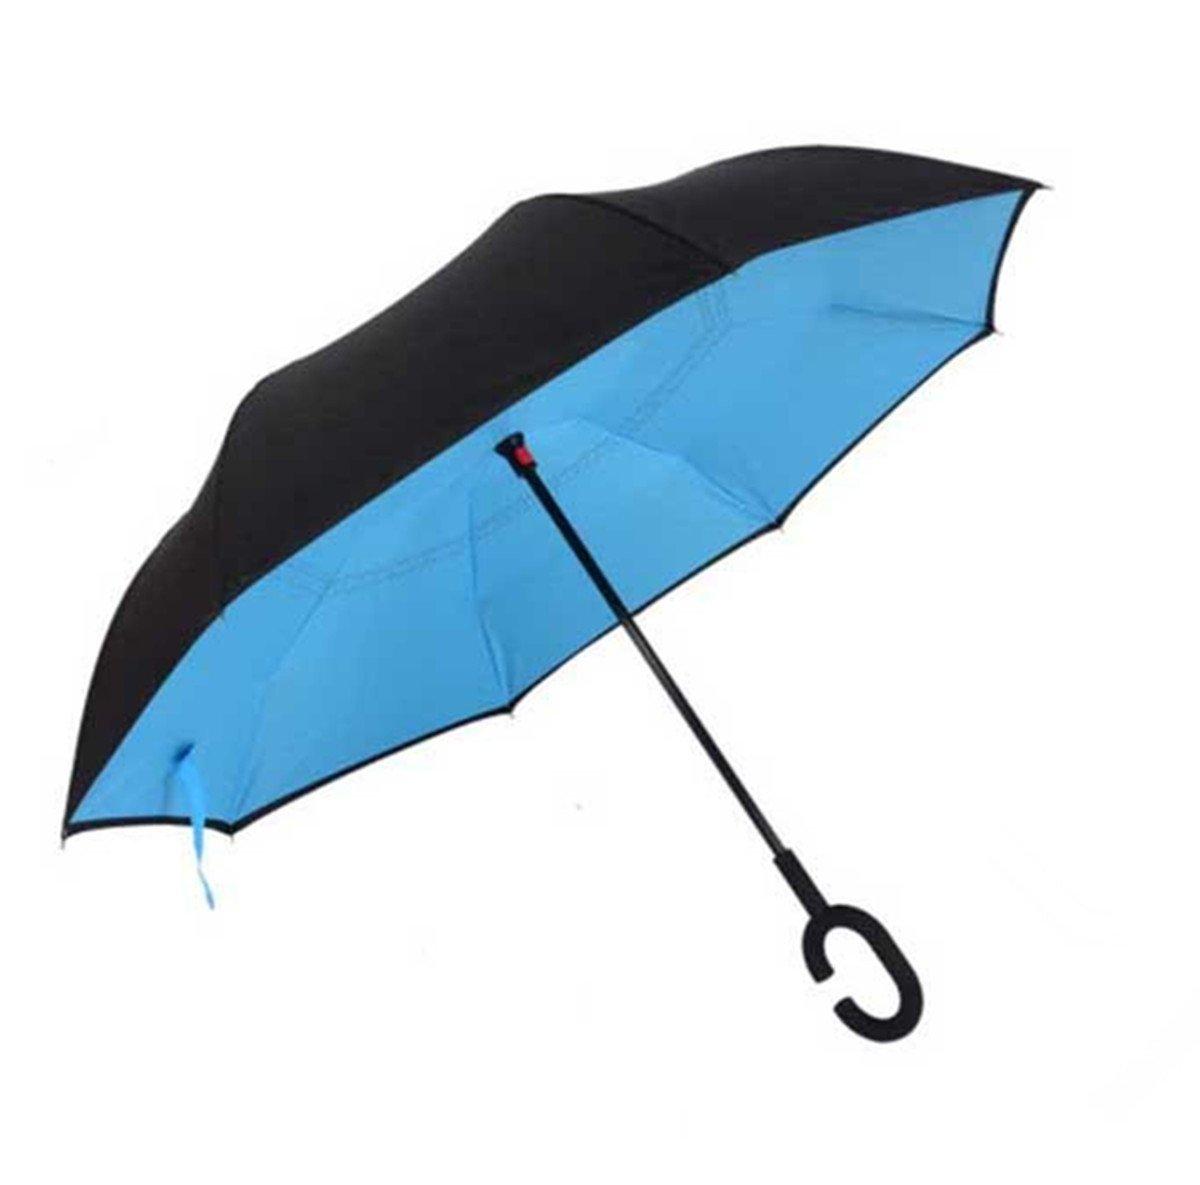 Parapluie inversé Manfâ, Parapluie coupe-vent, Parapluie inversé, Parapluies pour femmes avec protection UV, Parapluie à l'envers avec poignée en forme de C avec sac de transport